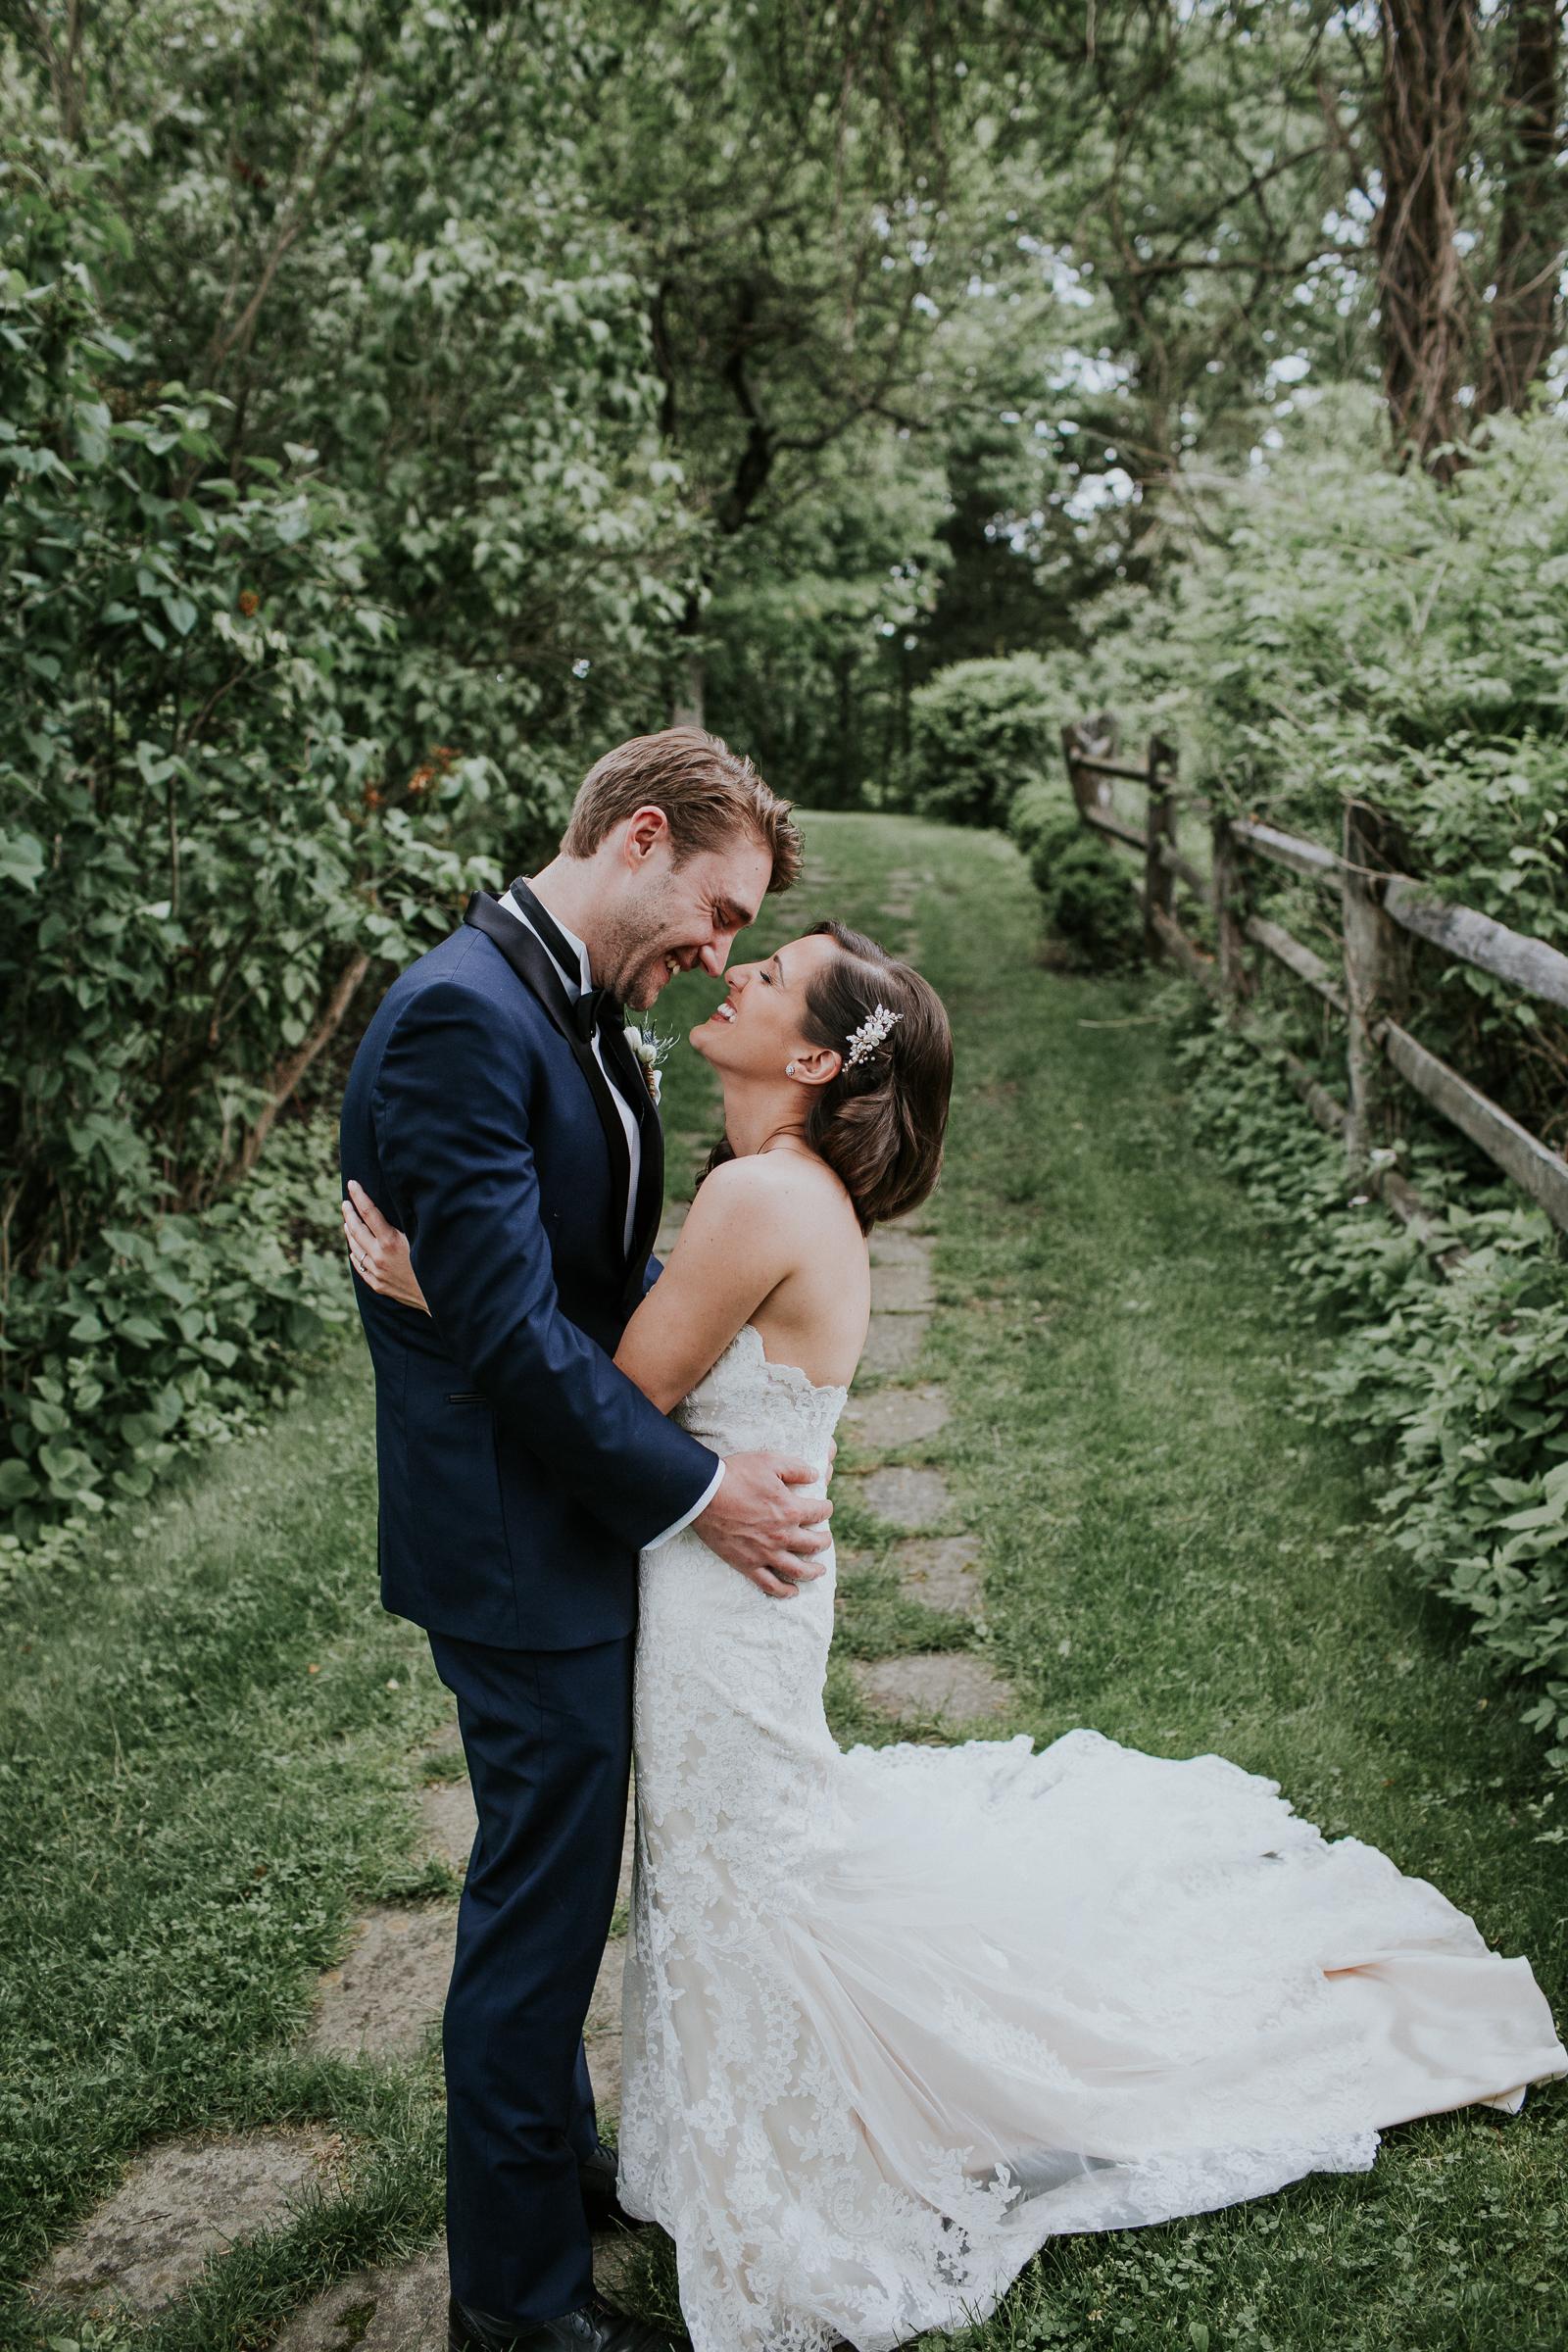 Crossed-Keys-Estate-Andover-NJ-Fine-Art-Documentary-Wedding-Photographer-47.jpg